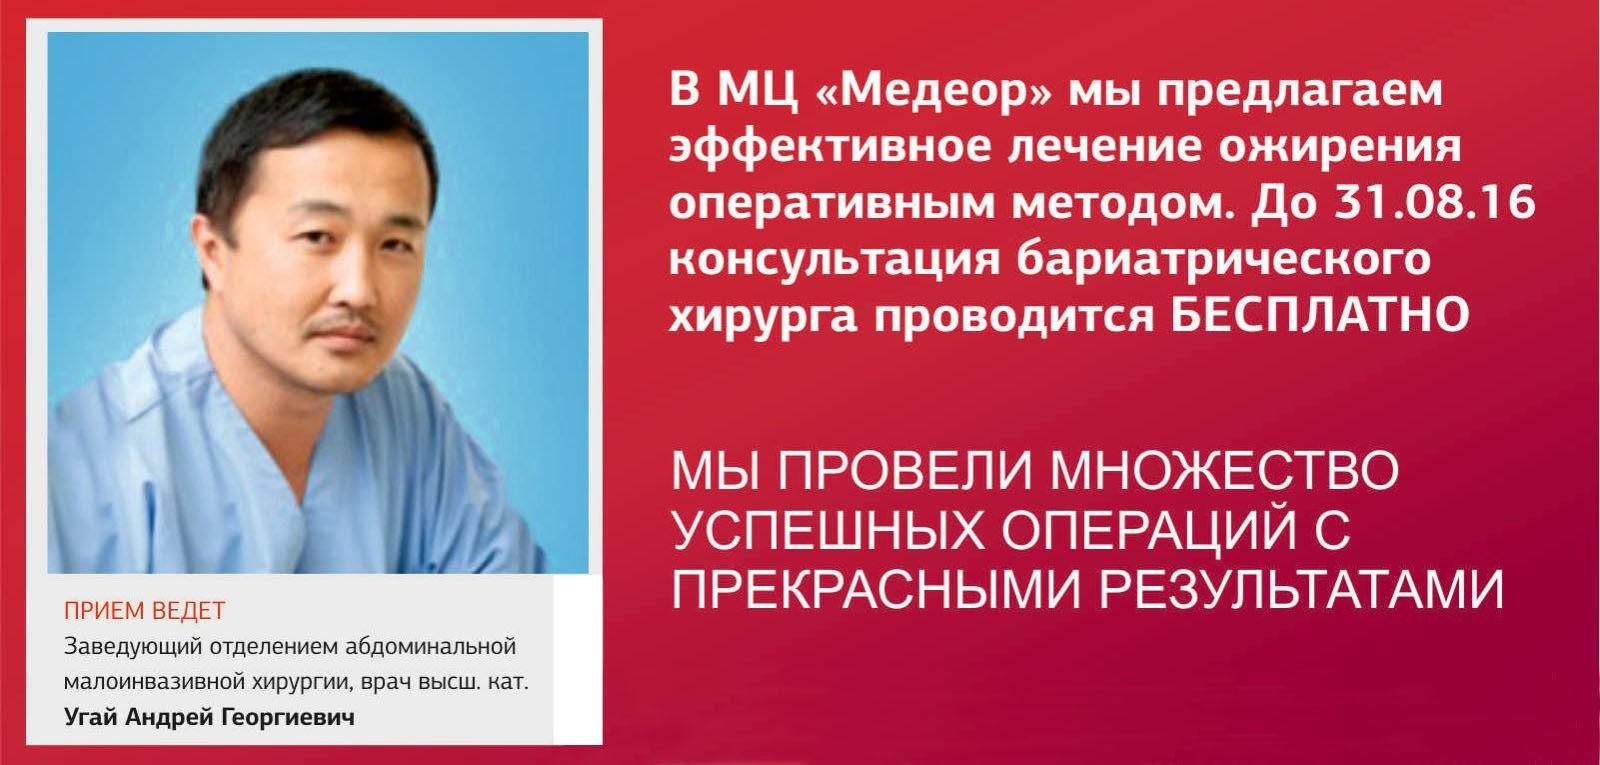 Бесплатный прием хирурга по вопросам хирургического лечения ожирения.